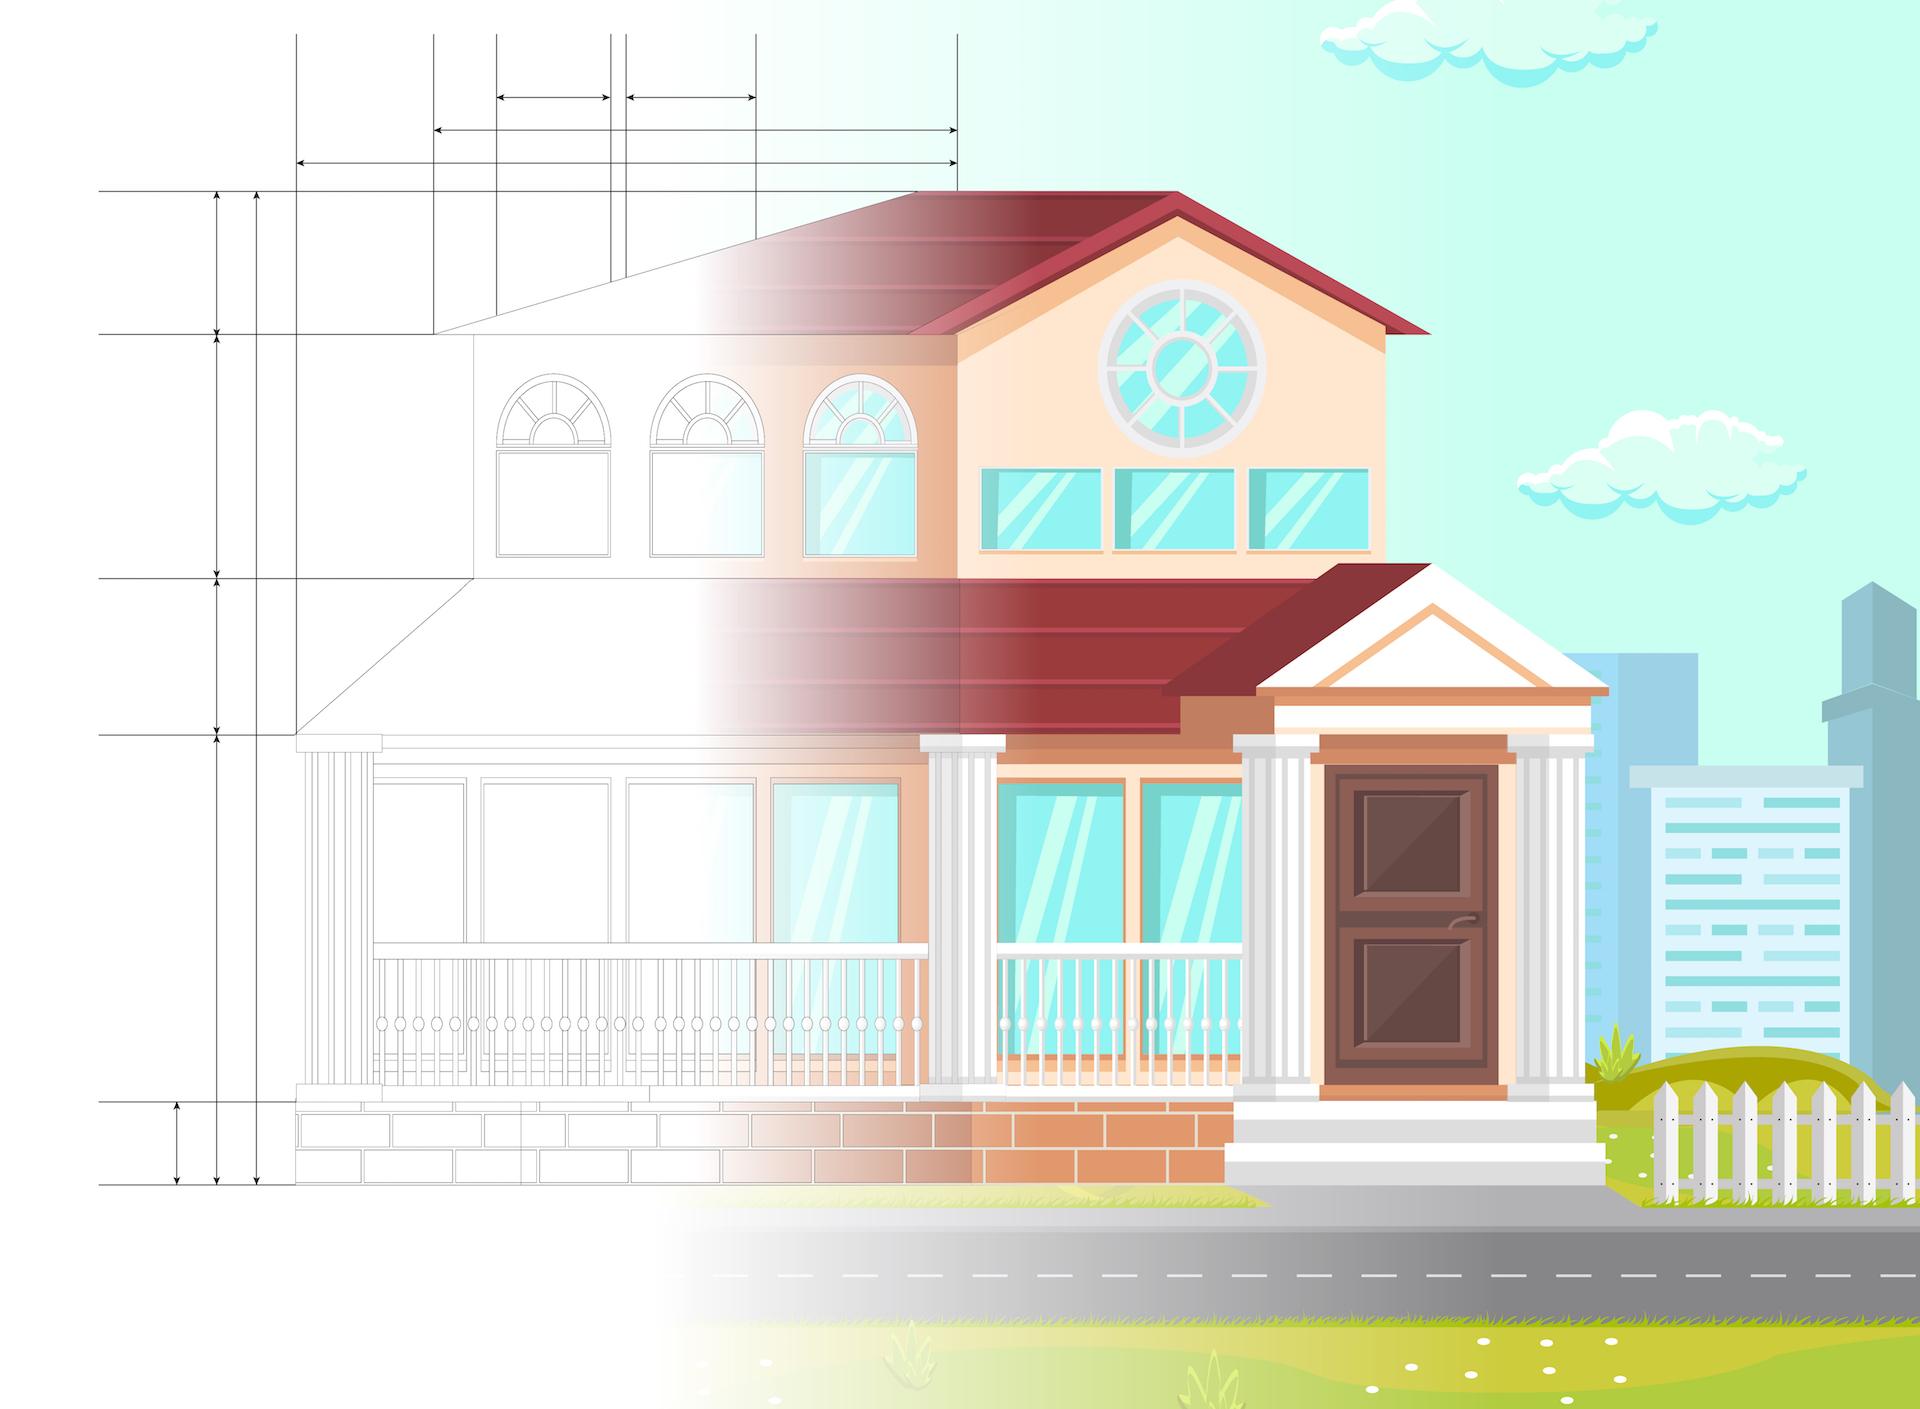 סעיף 197 לחוק התכנון והבניה